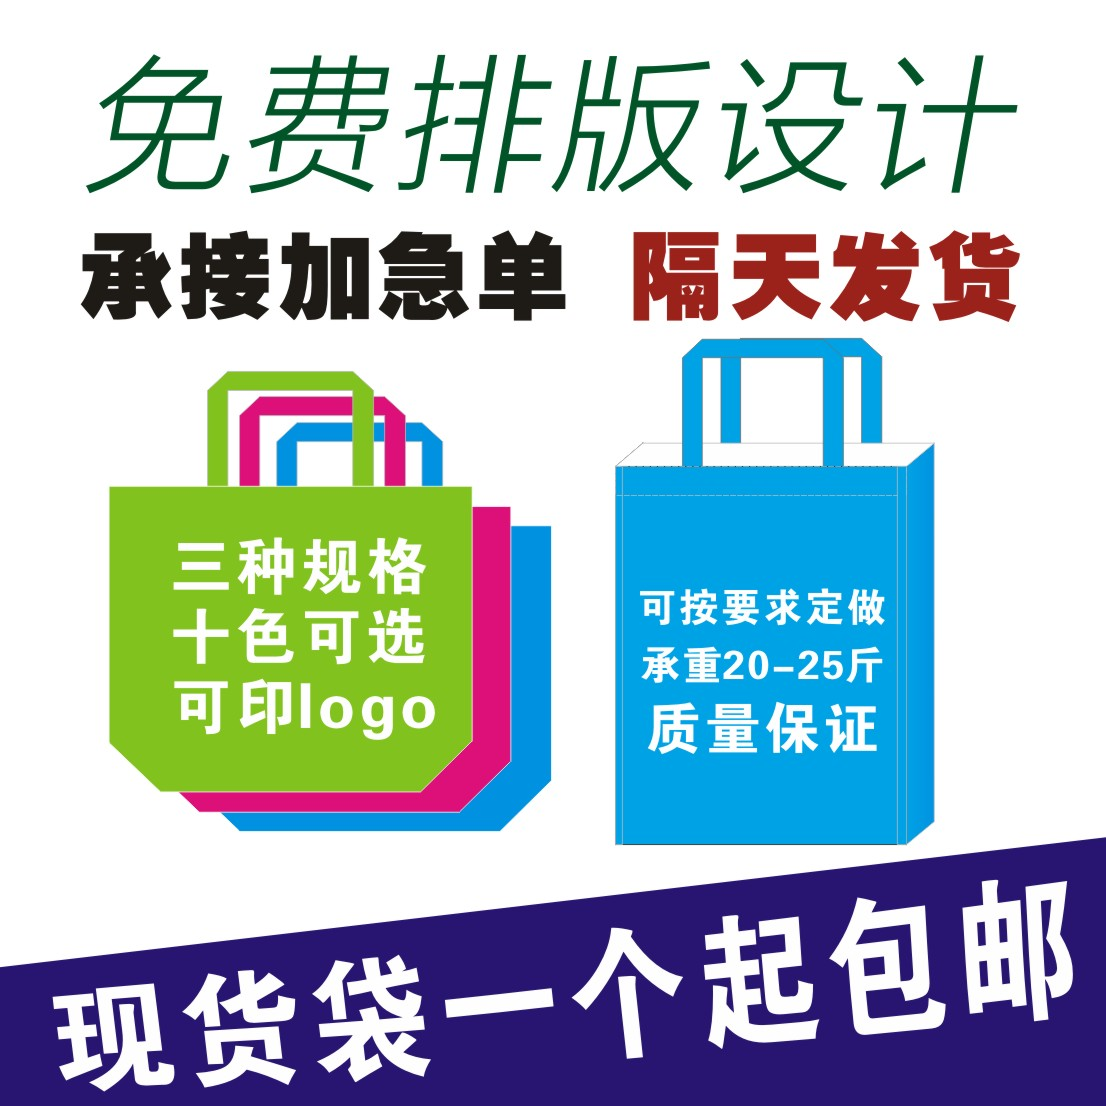 Ткань мешок стандарт ридикюль сумок сделанный на заказ охрана окружающей среды холст мешок печать logo срочный индивидуальный сейчас в надичии